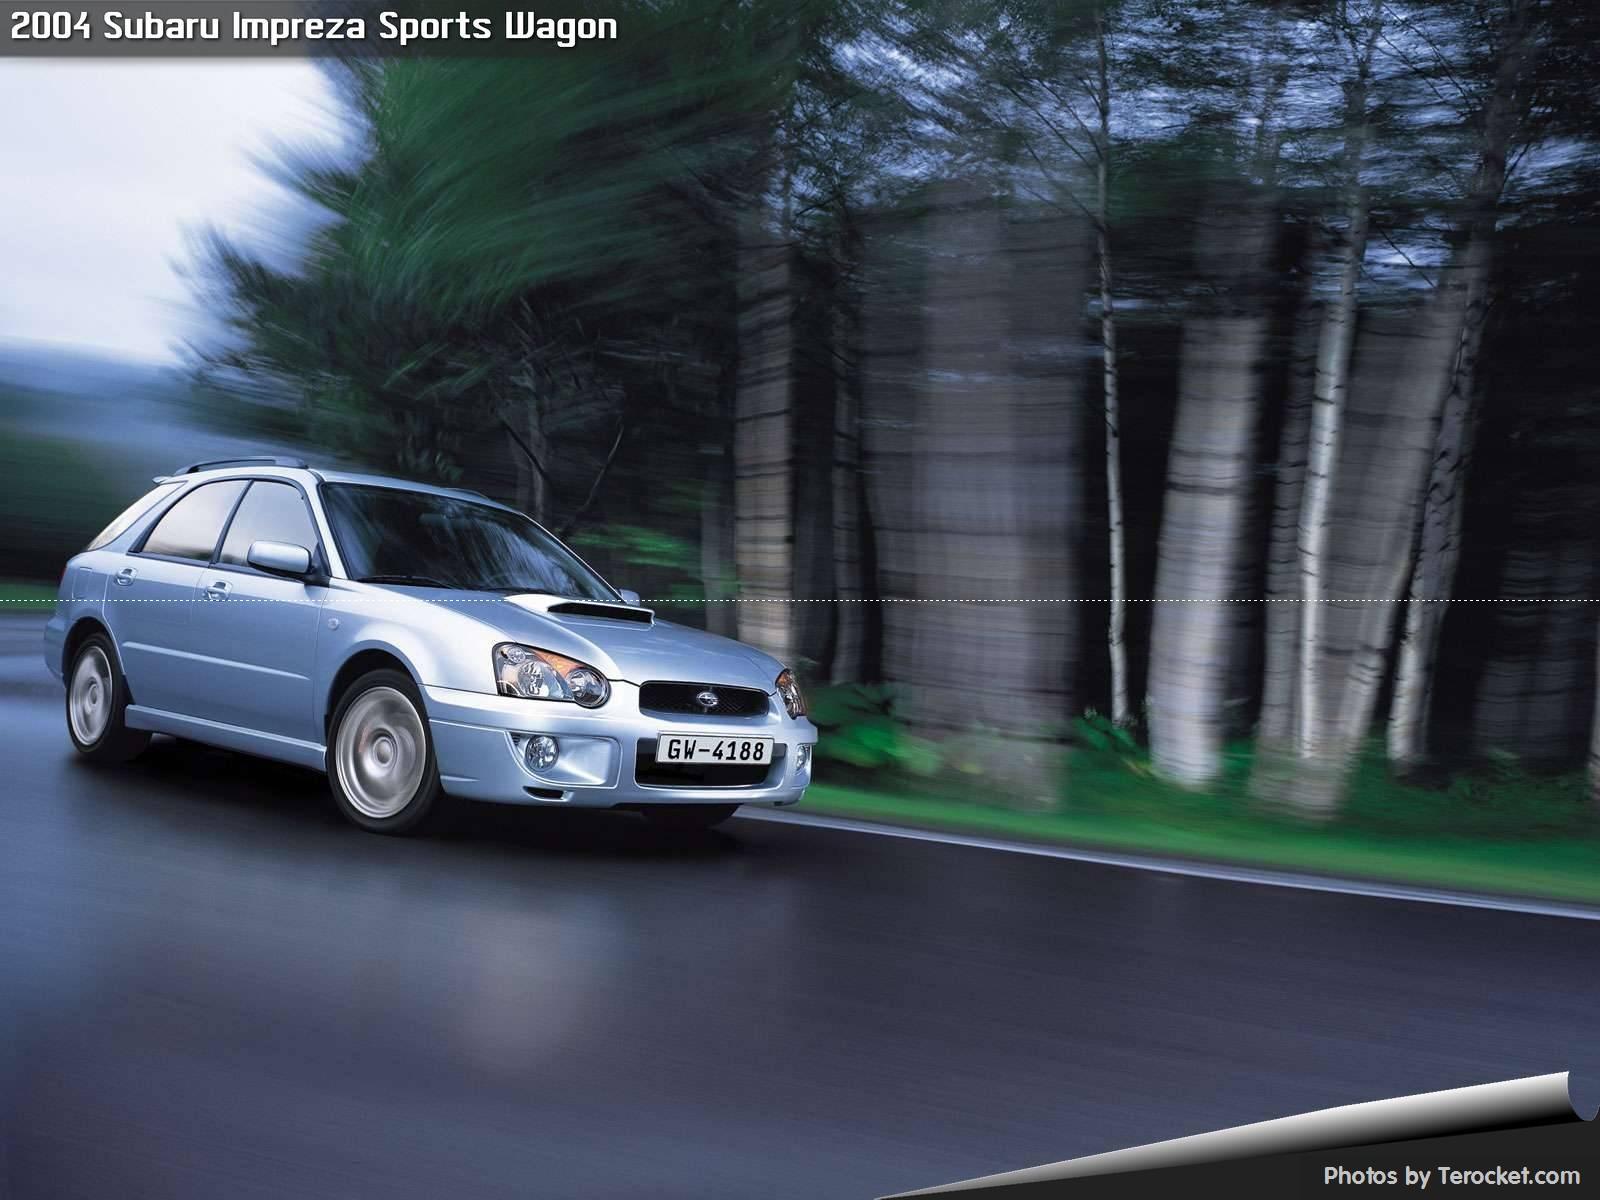 Hình ảnh xe ô tô Subaru Impreza Sports Wagon 2004 & nội ngoại thất